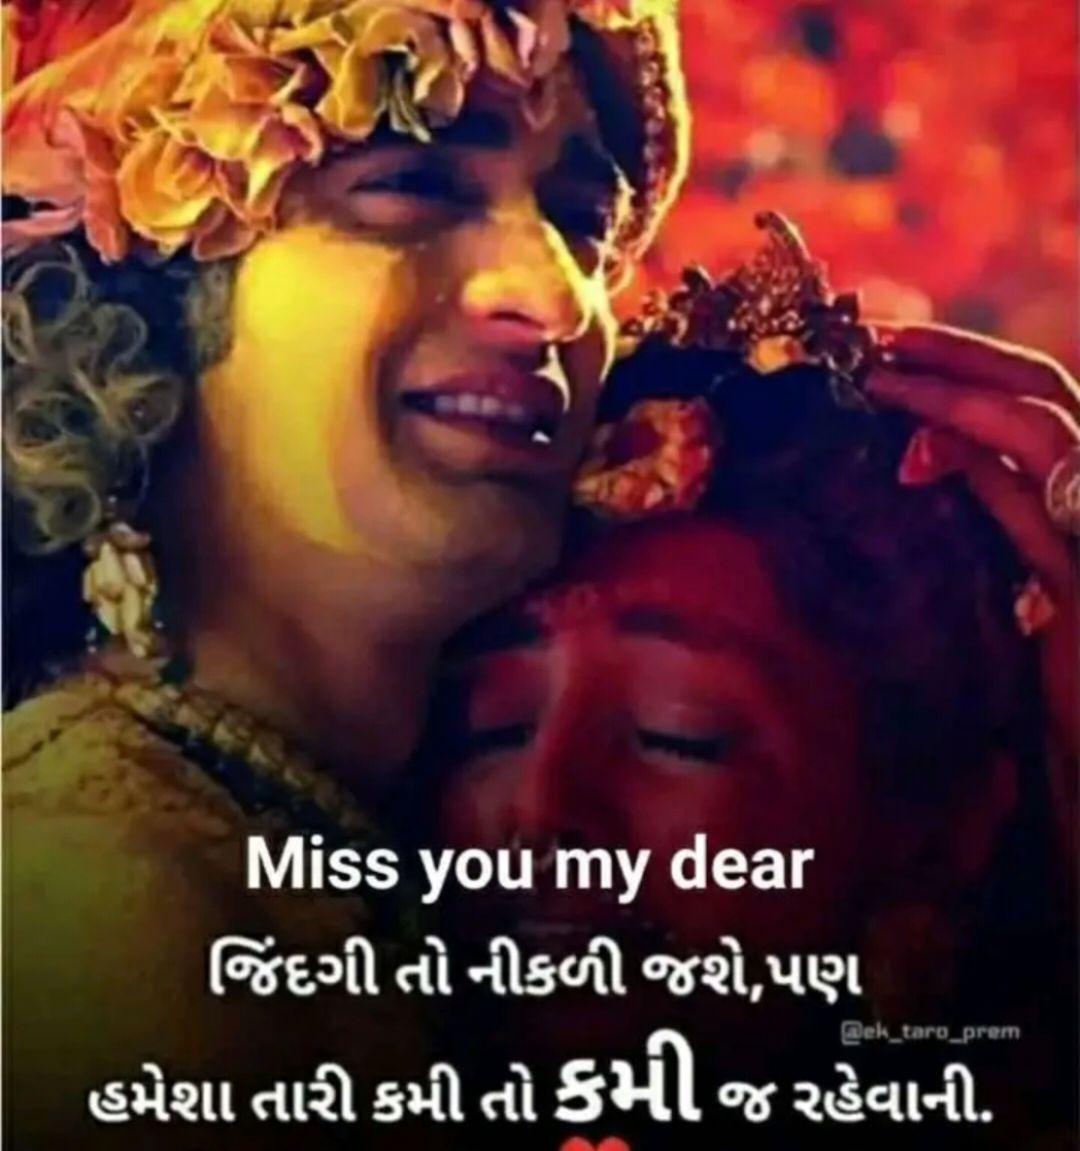 💘 પ્રેમ 💘 - Miss you my dear જિંદગી તો નીકળી જશે , પણ હમેશા તારી કમી તો કમીજ રહેવાની . @ ek _ taro _ prem - ShareChat